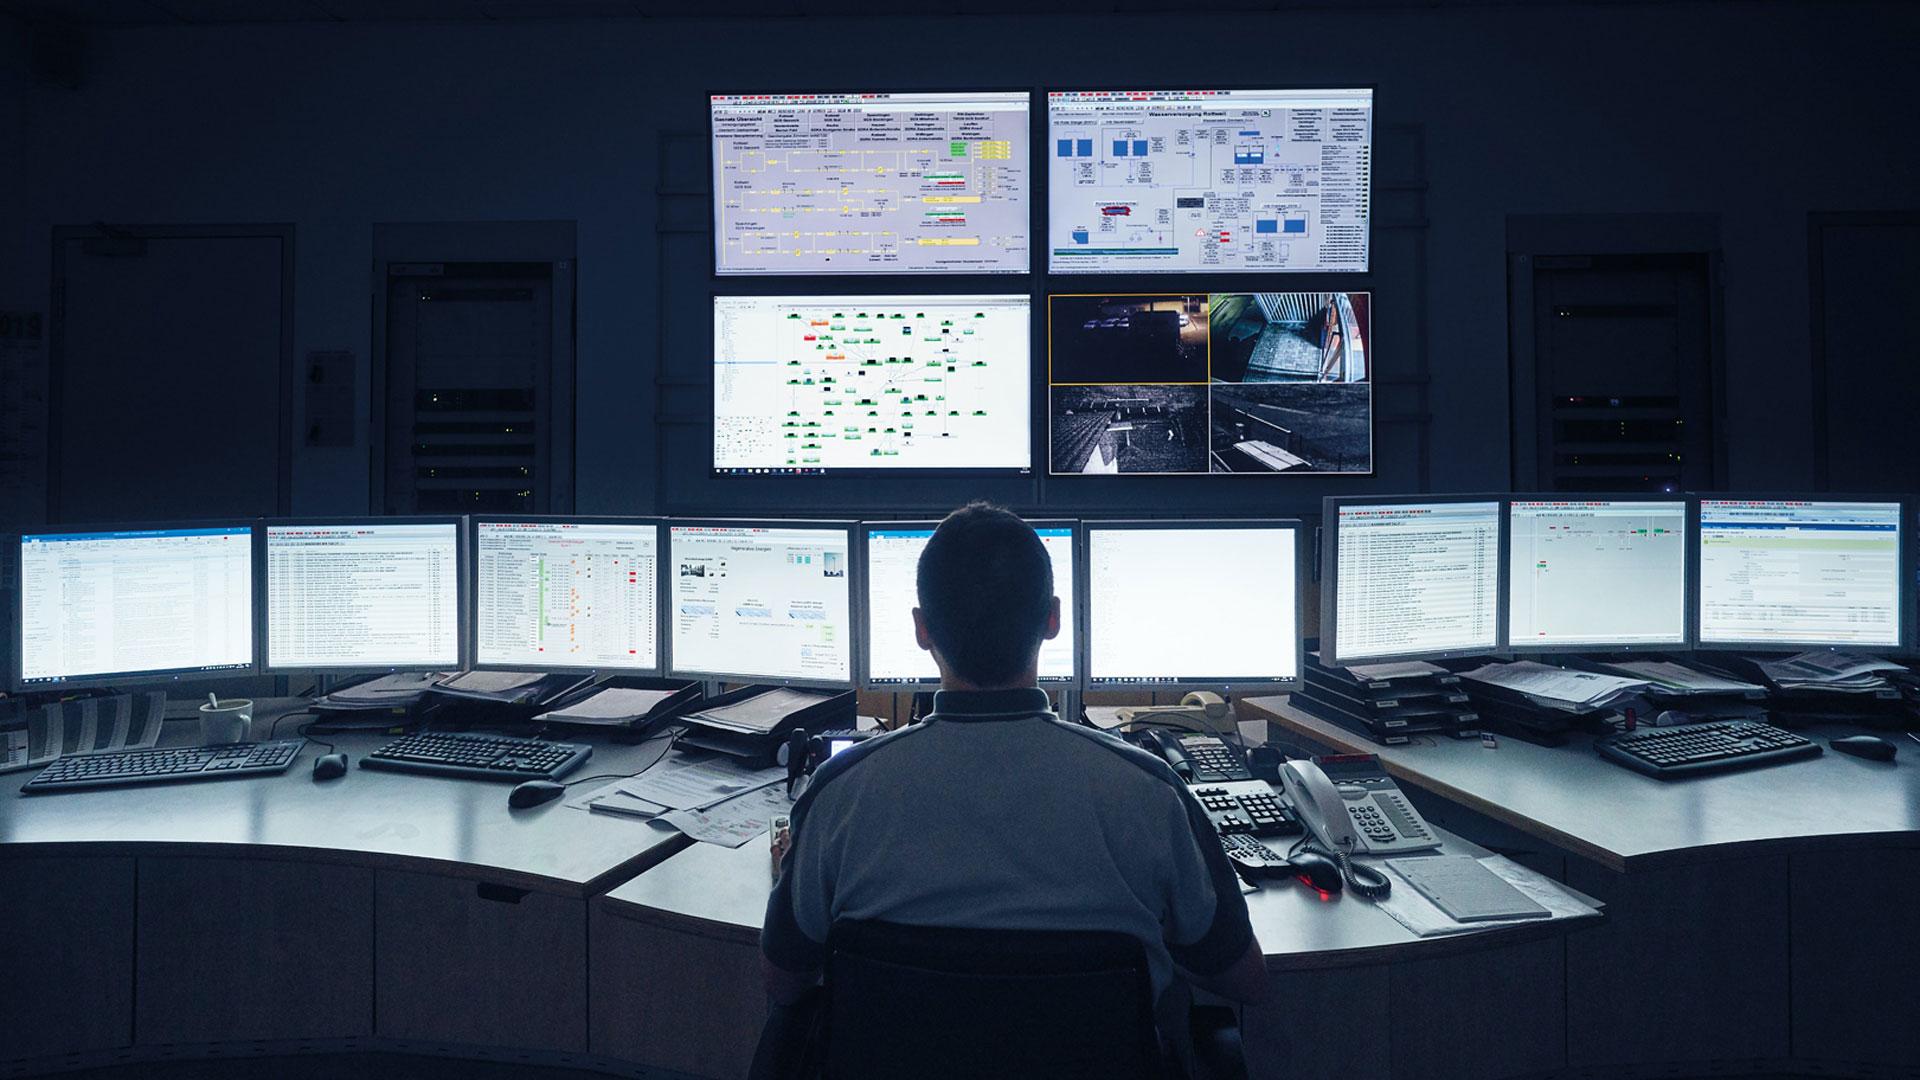 Mann sitz vor Bildschirmwand